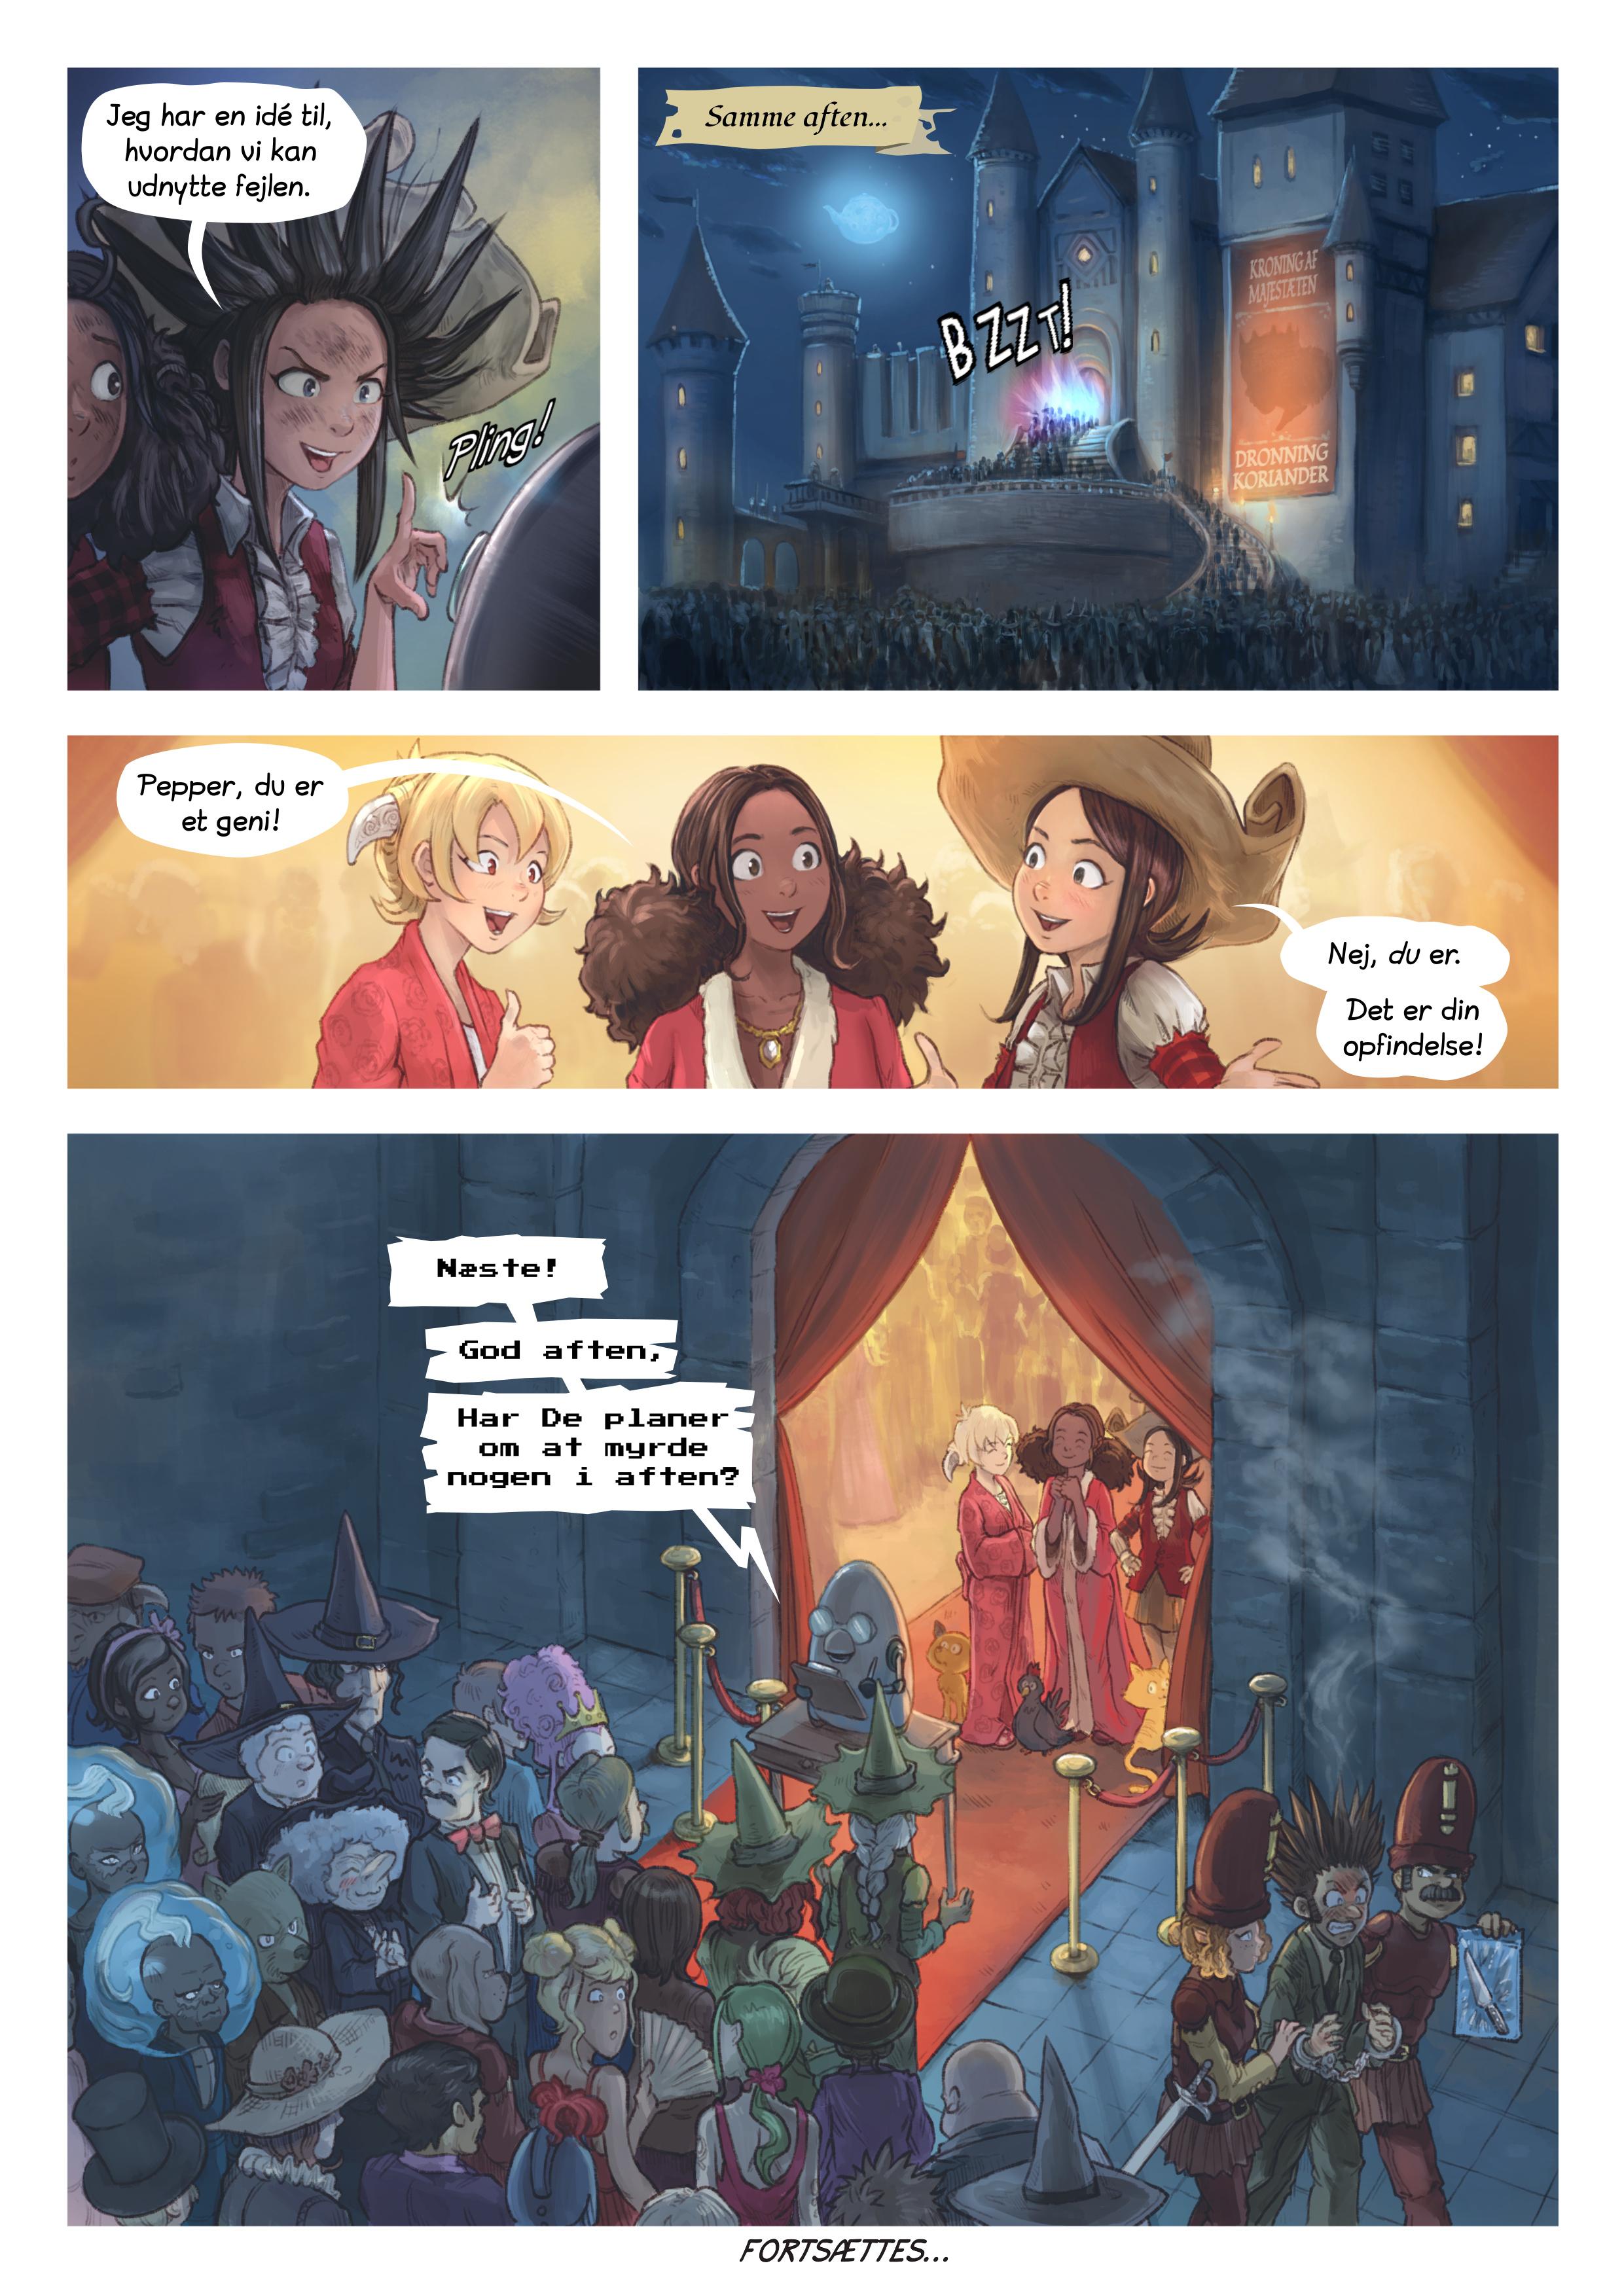 Episode 27: Korianders opfindelse, Page 6